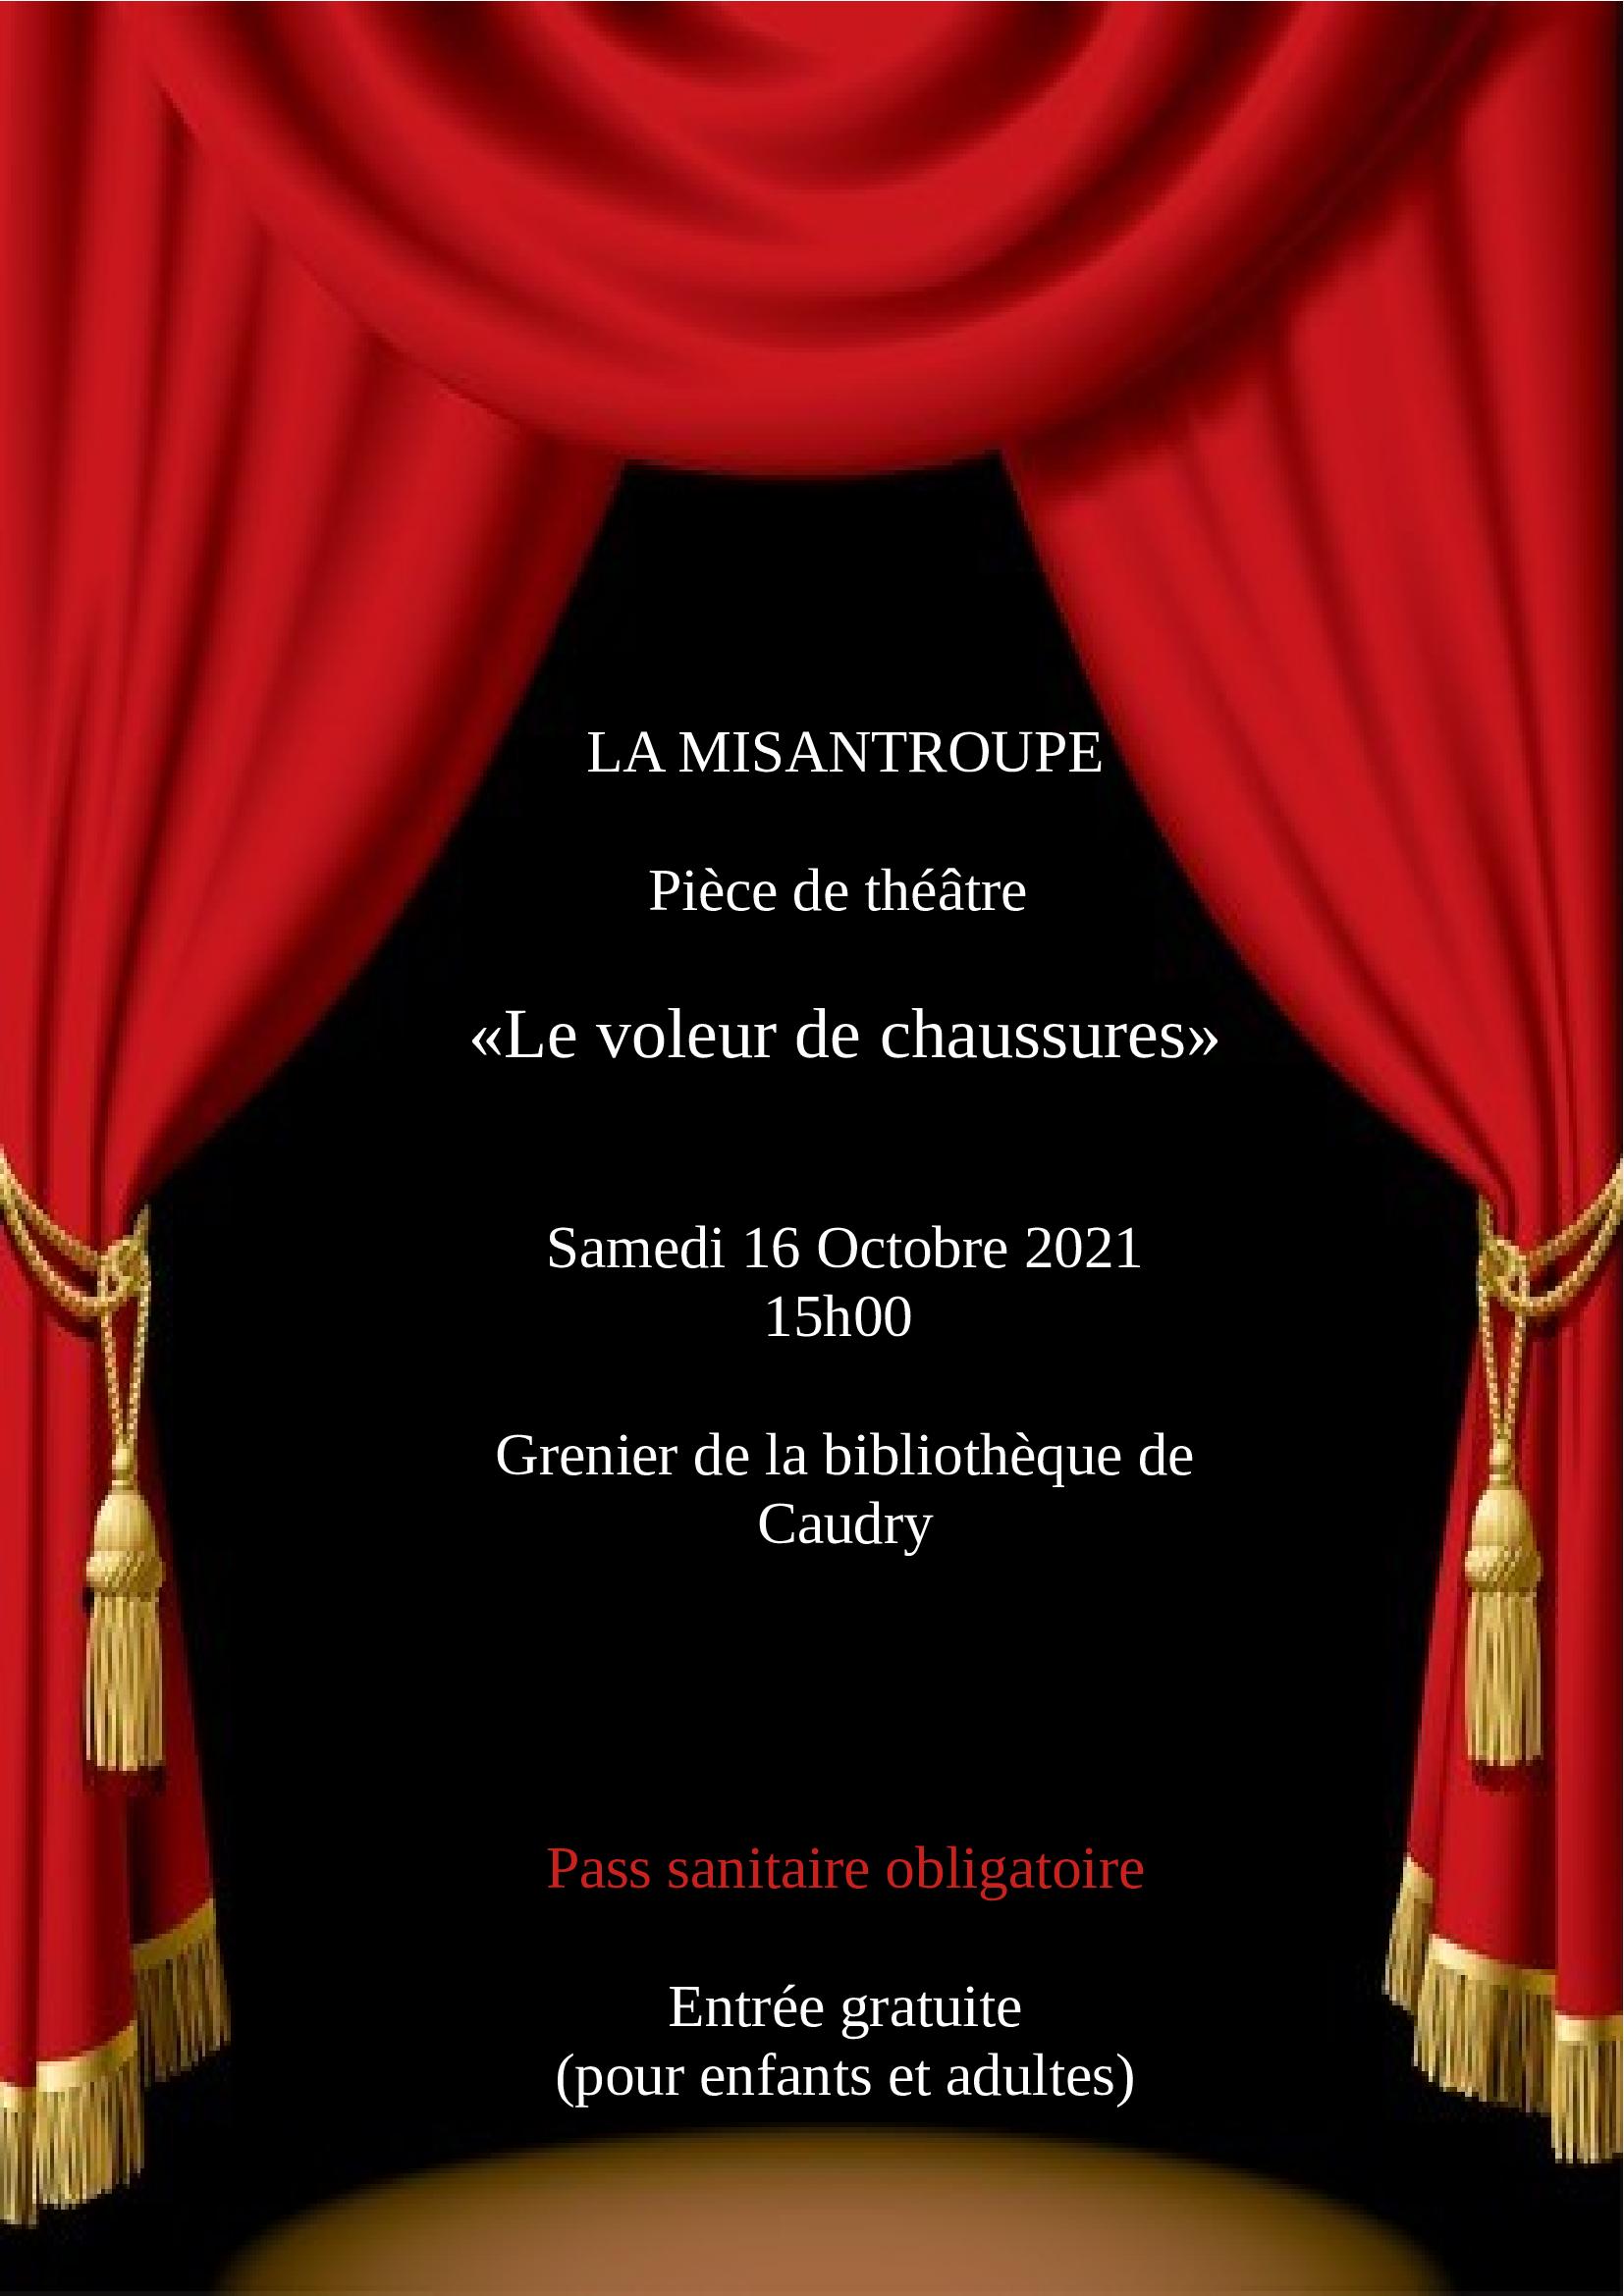 LE VOLEUR DE CHAUSSURES  (La Misantroupe)  